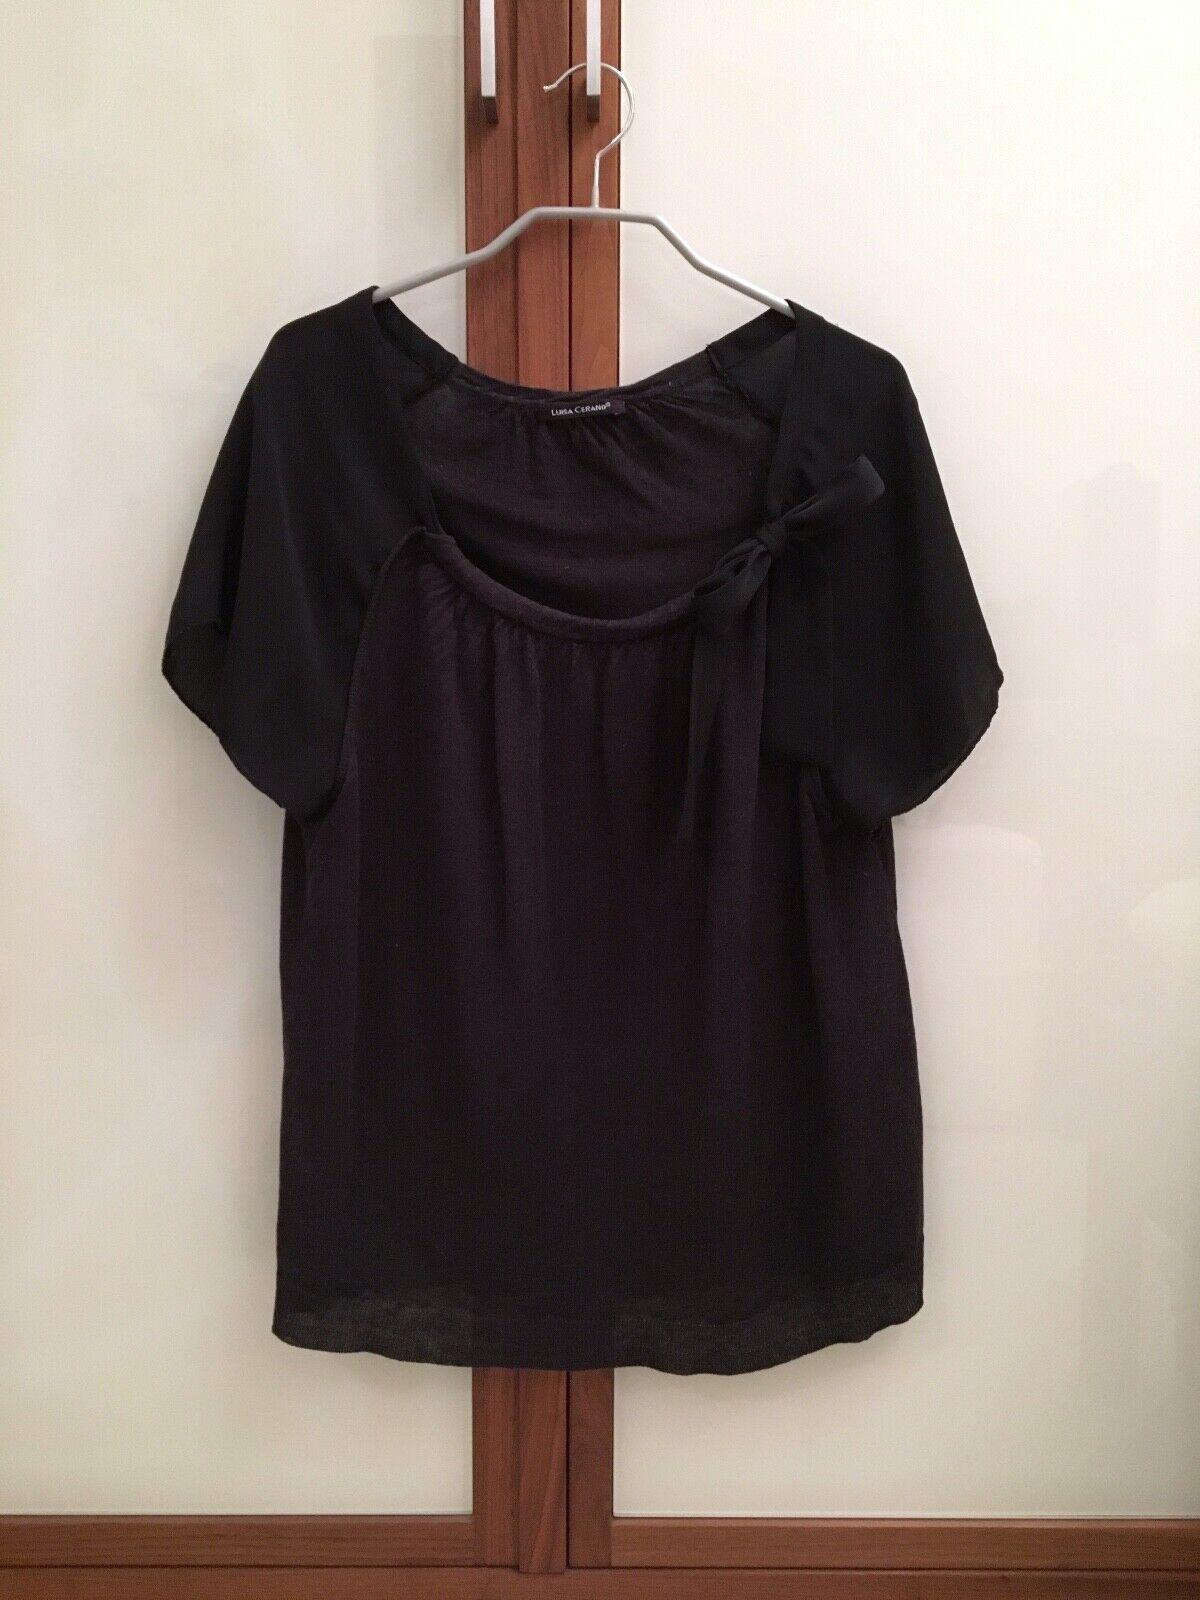 Luisa Cerano Oberteil   Shirt mit Schleife, Gr. 38, schwarz, sehr guter Zustand